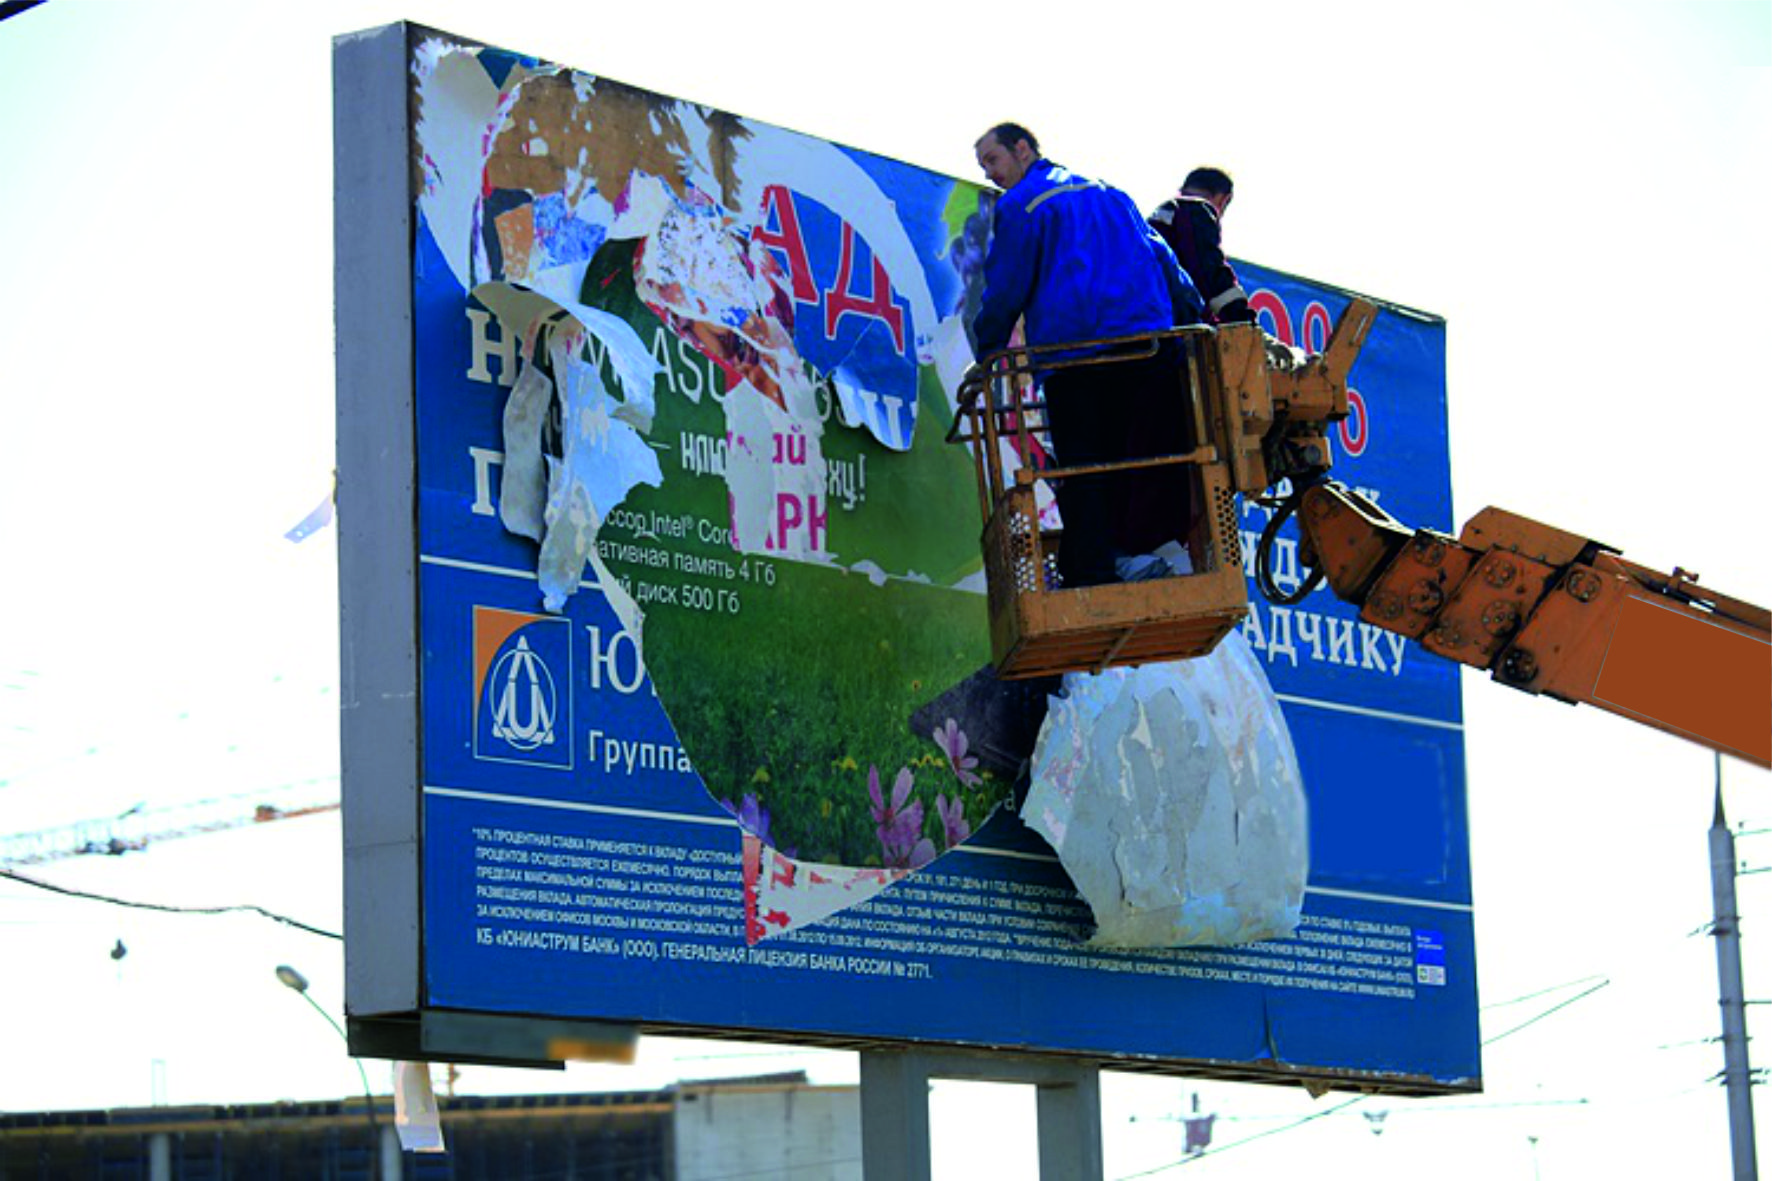 Прокуратурой Михайловского района выявлены нарушения законодательства о рекламе и о защите прав субъектов предпринимательской деятельности